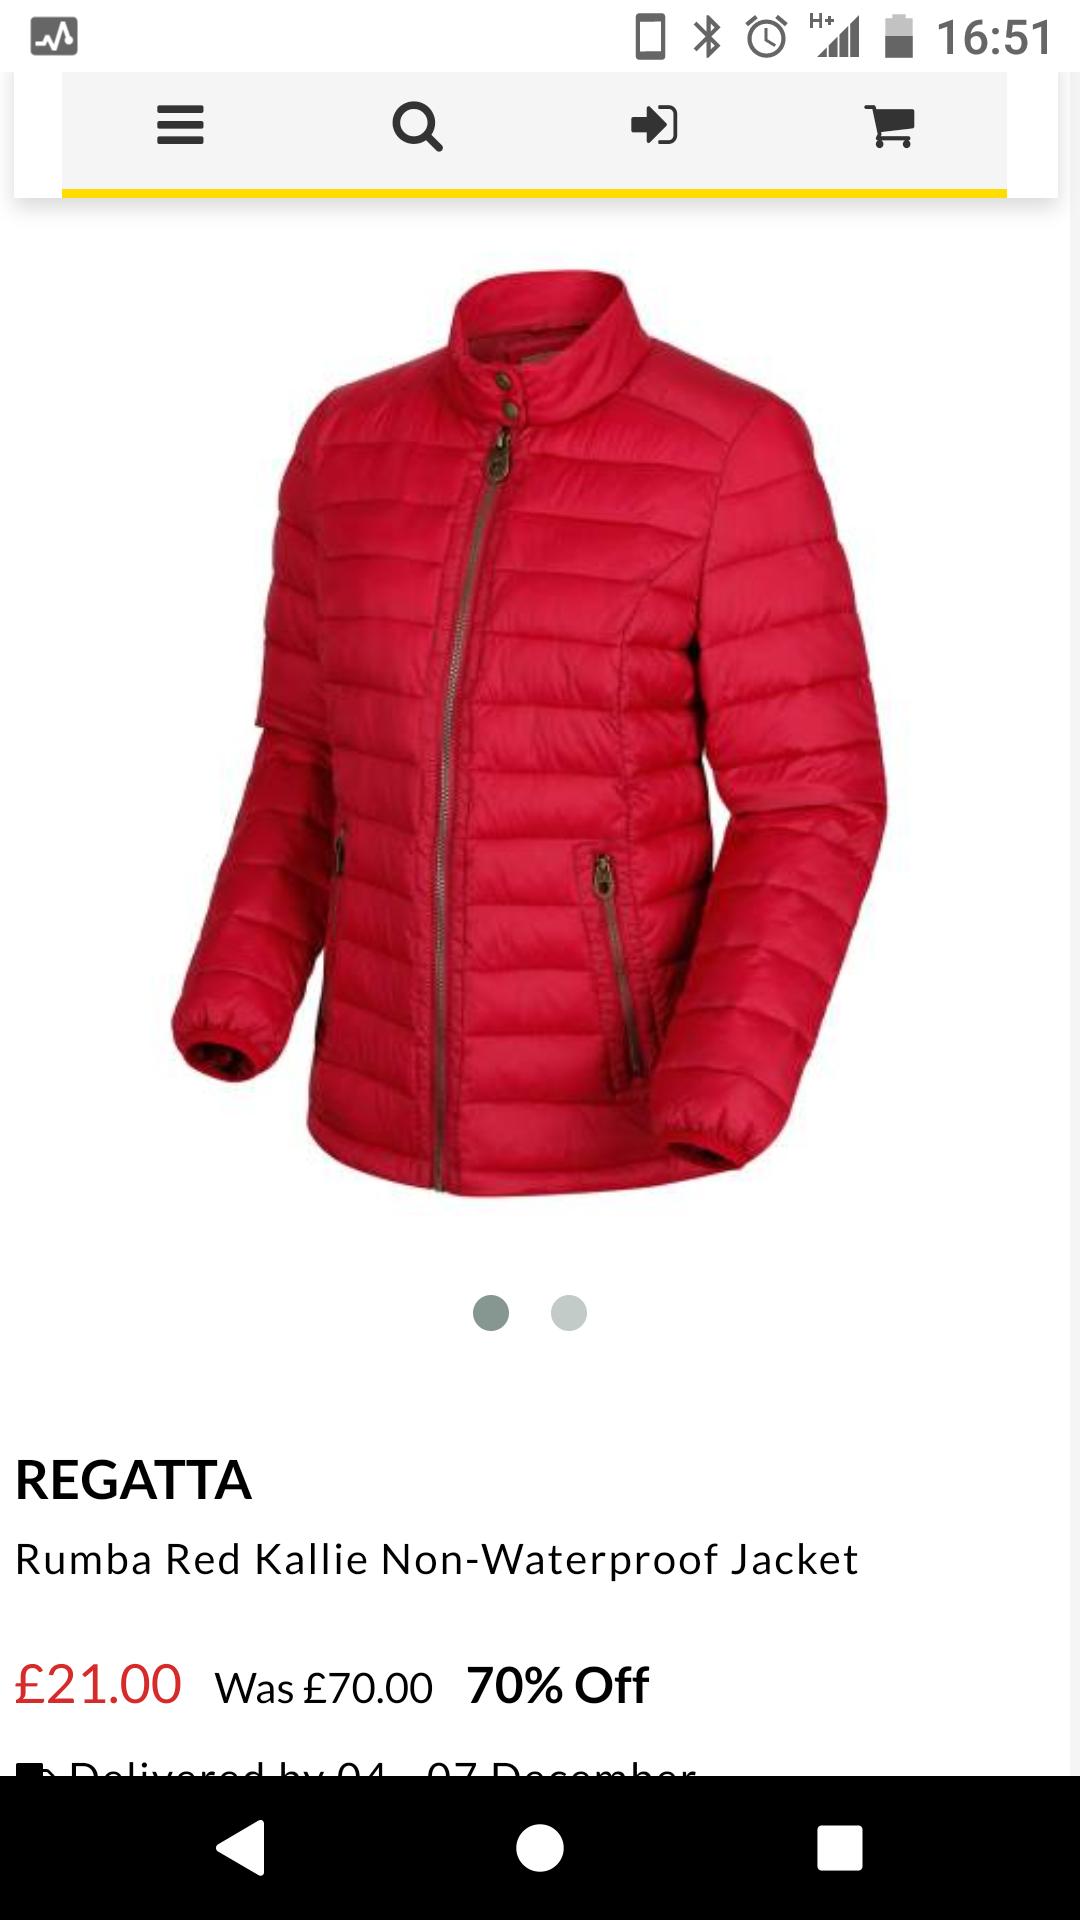 Regatta Rumba Red Kallie Non-Waterproof JacketFor £26.95 Delivered @ Brandalley